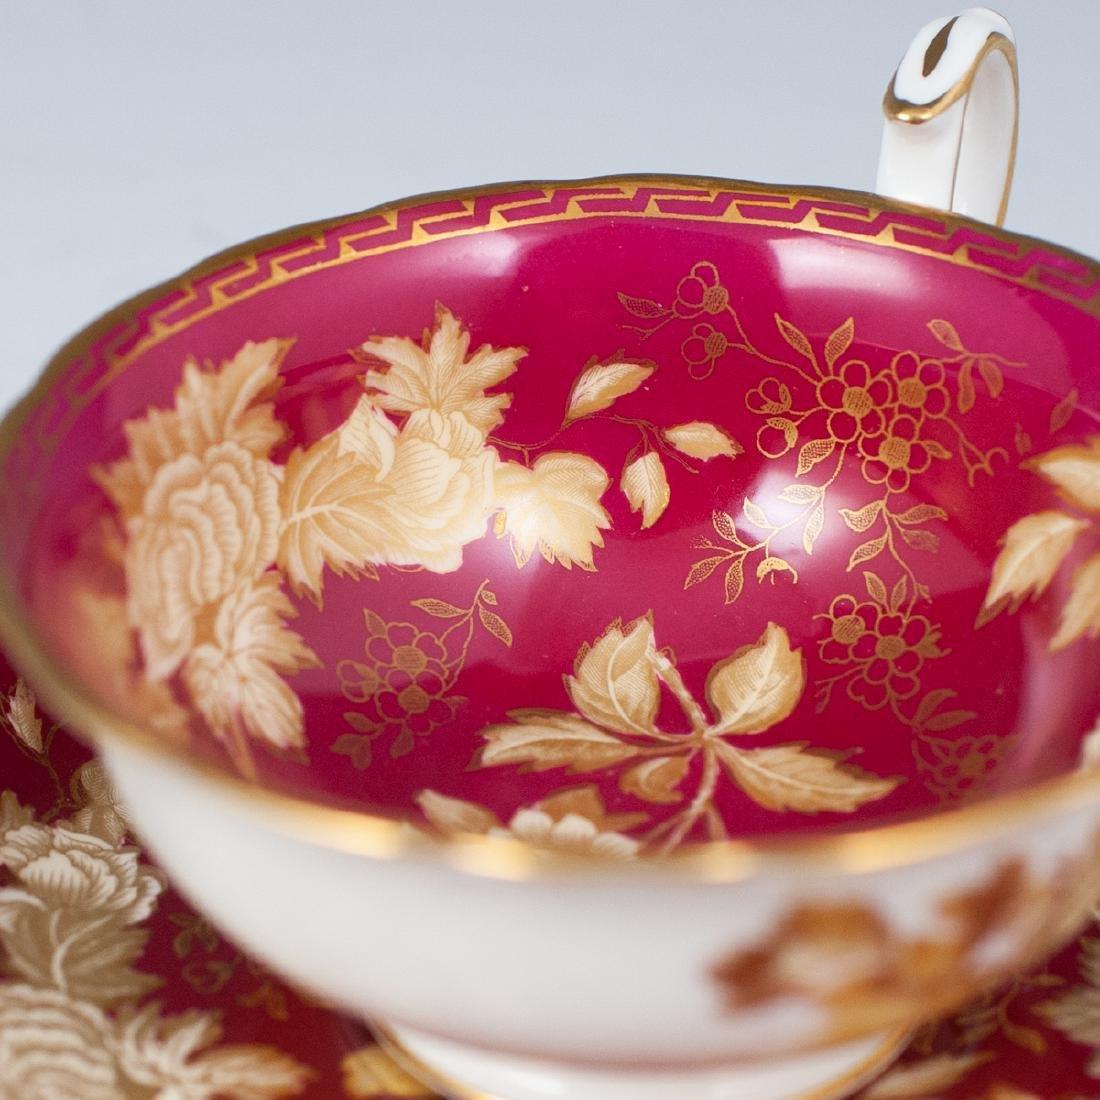 Vintage English Porcelain Teacups - 3